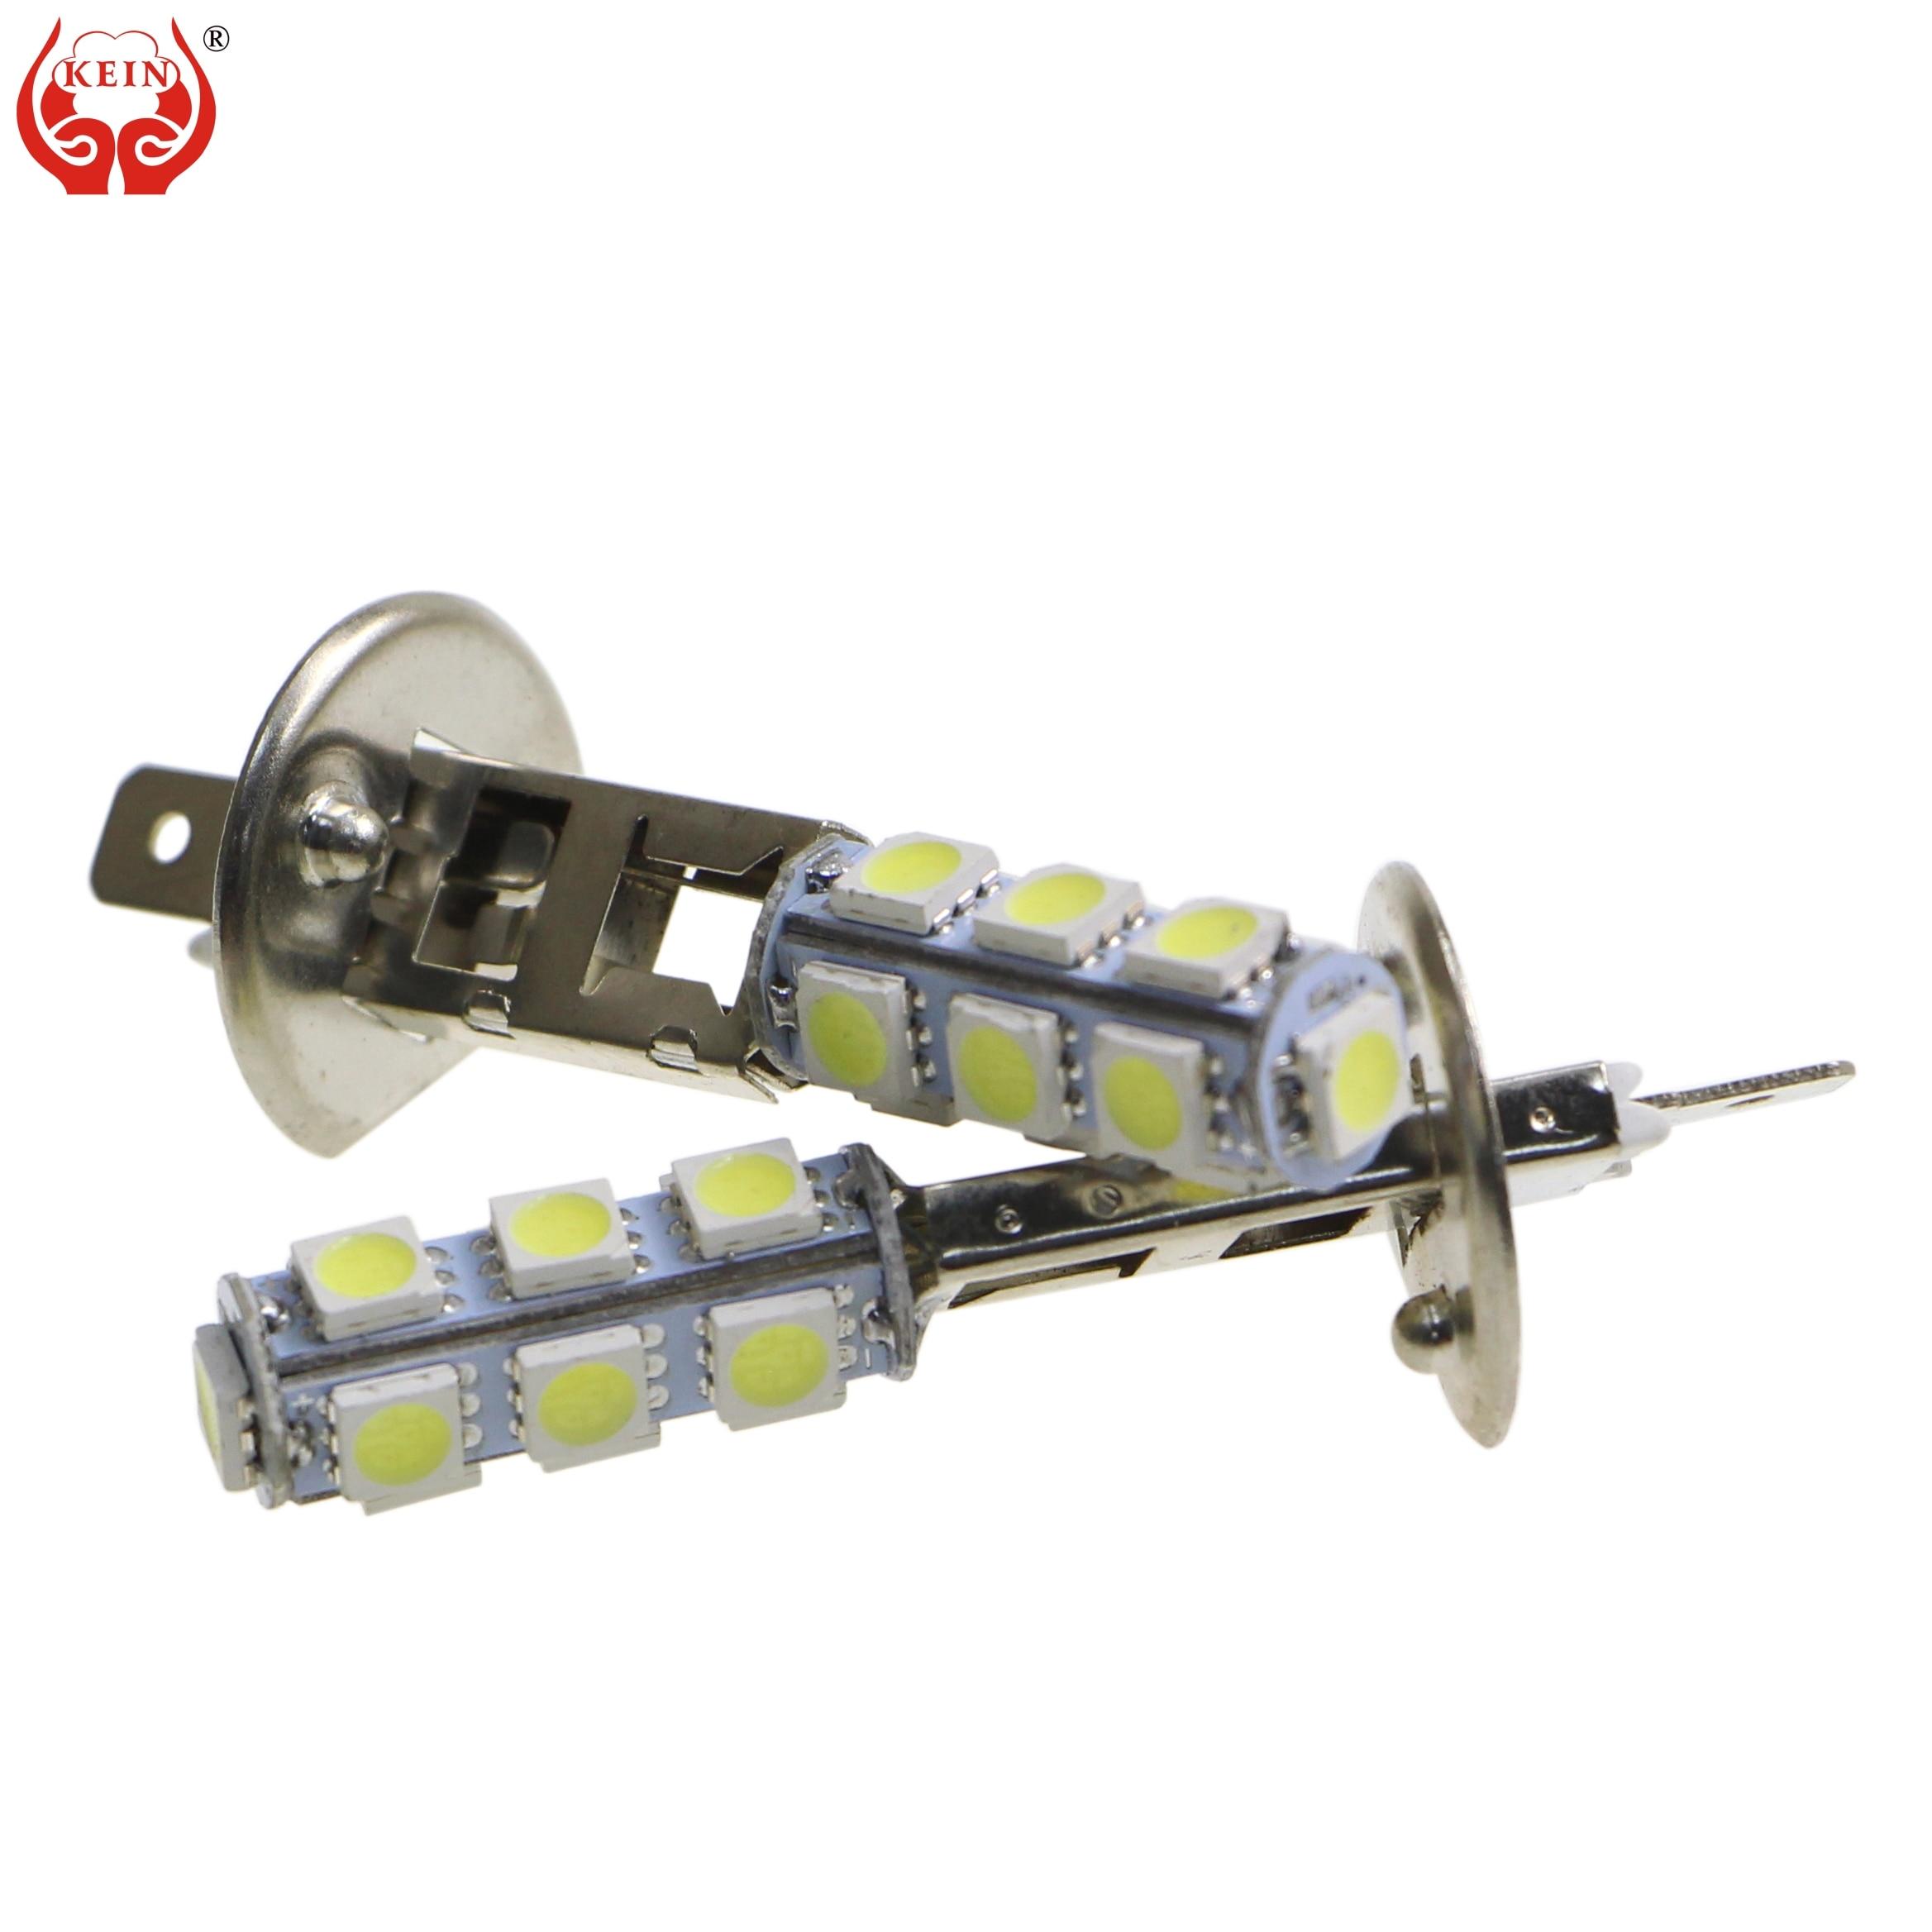 KEIN 6PCS H1 led bulb 13smd 5050 led car Auto h1 Fog light Daytime Running DRL